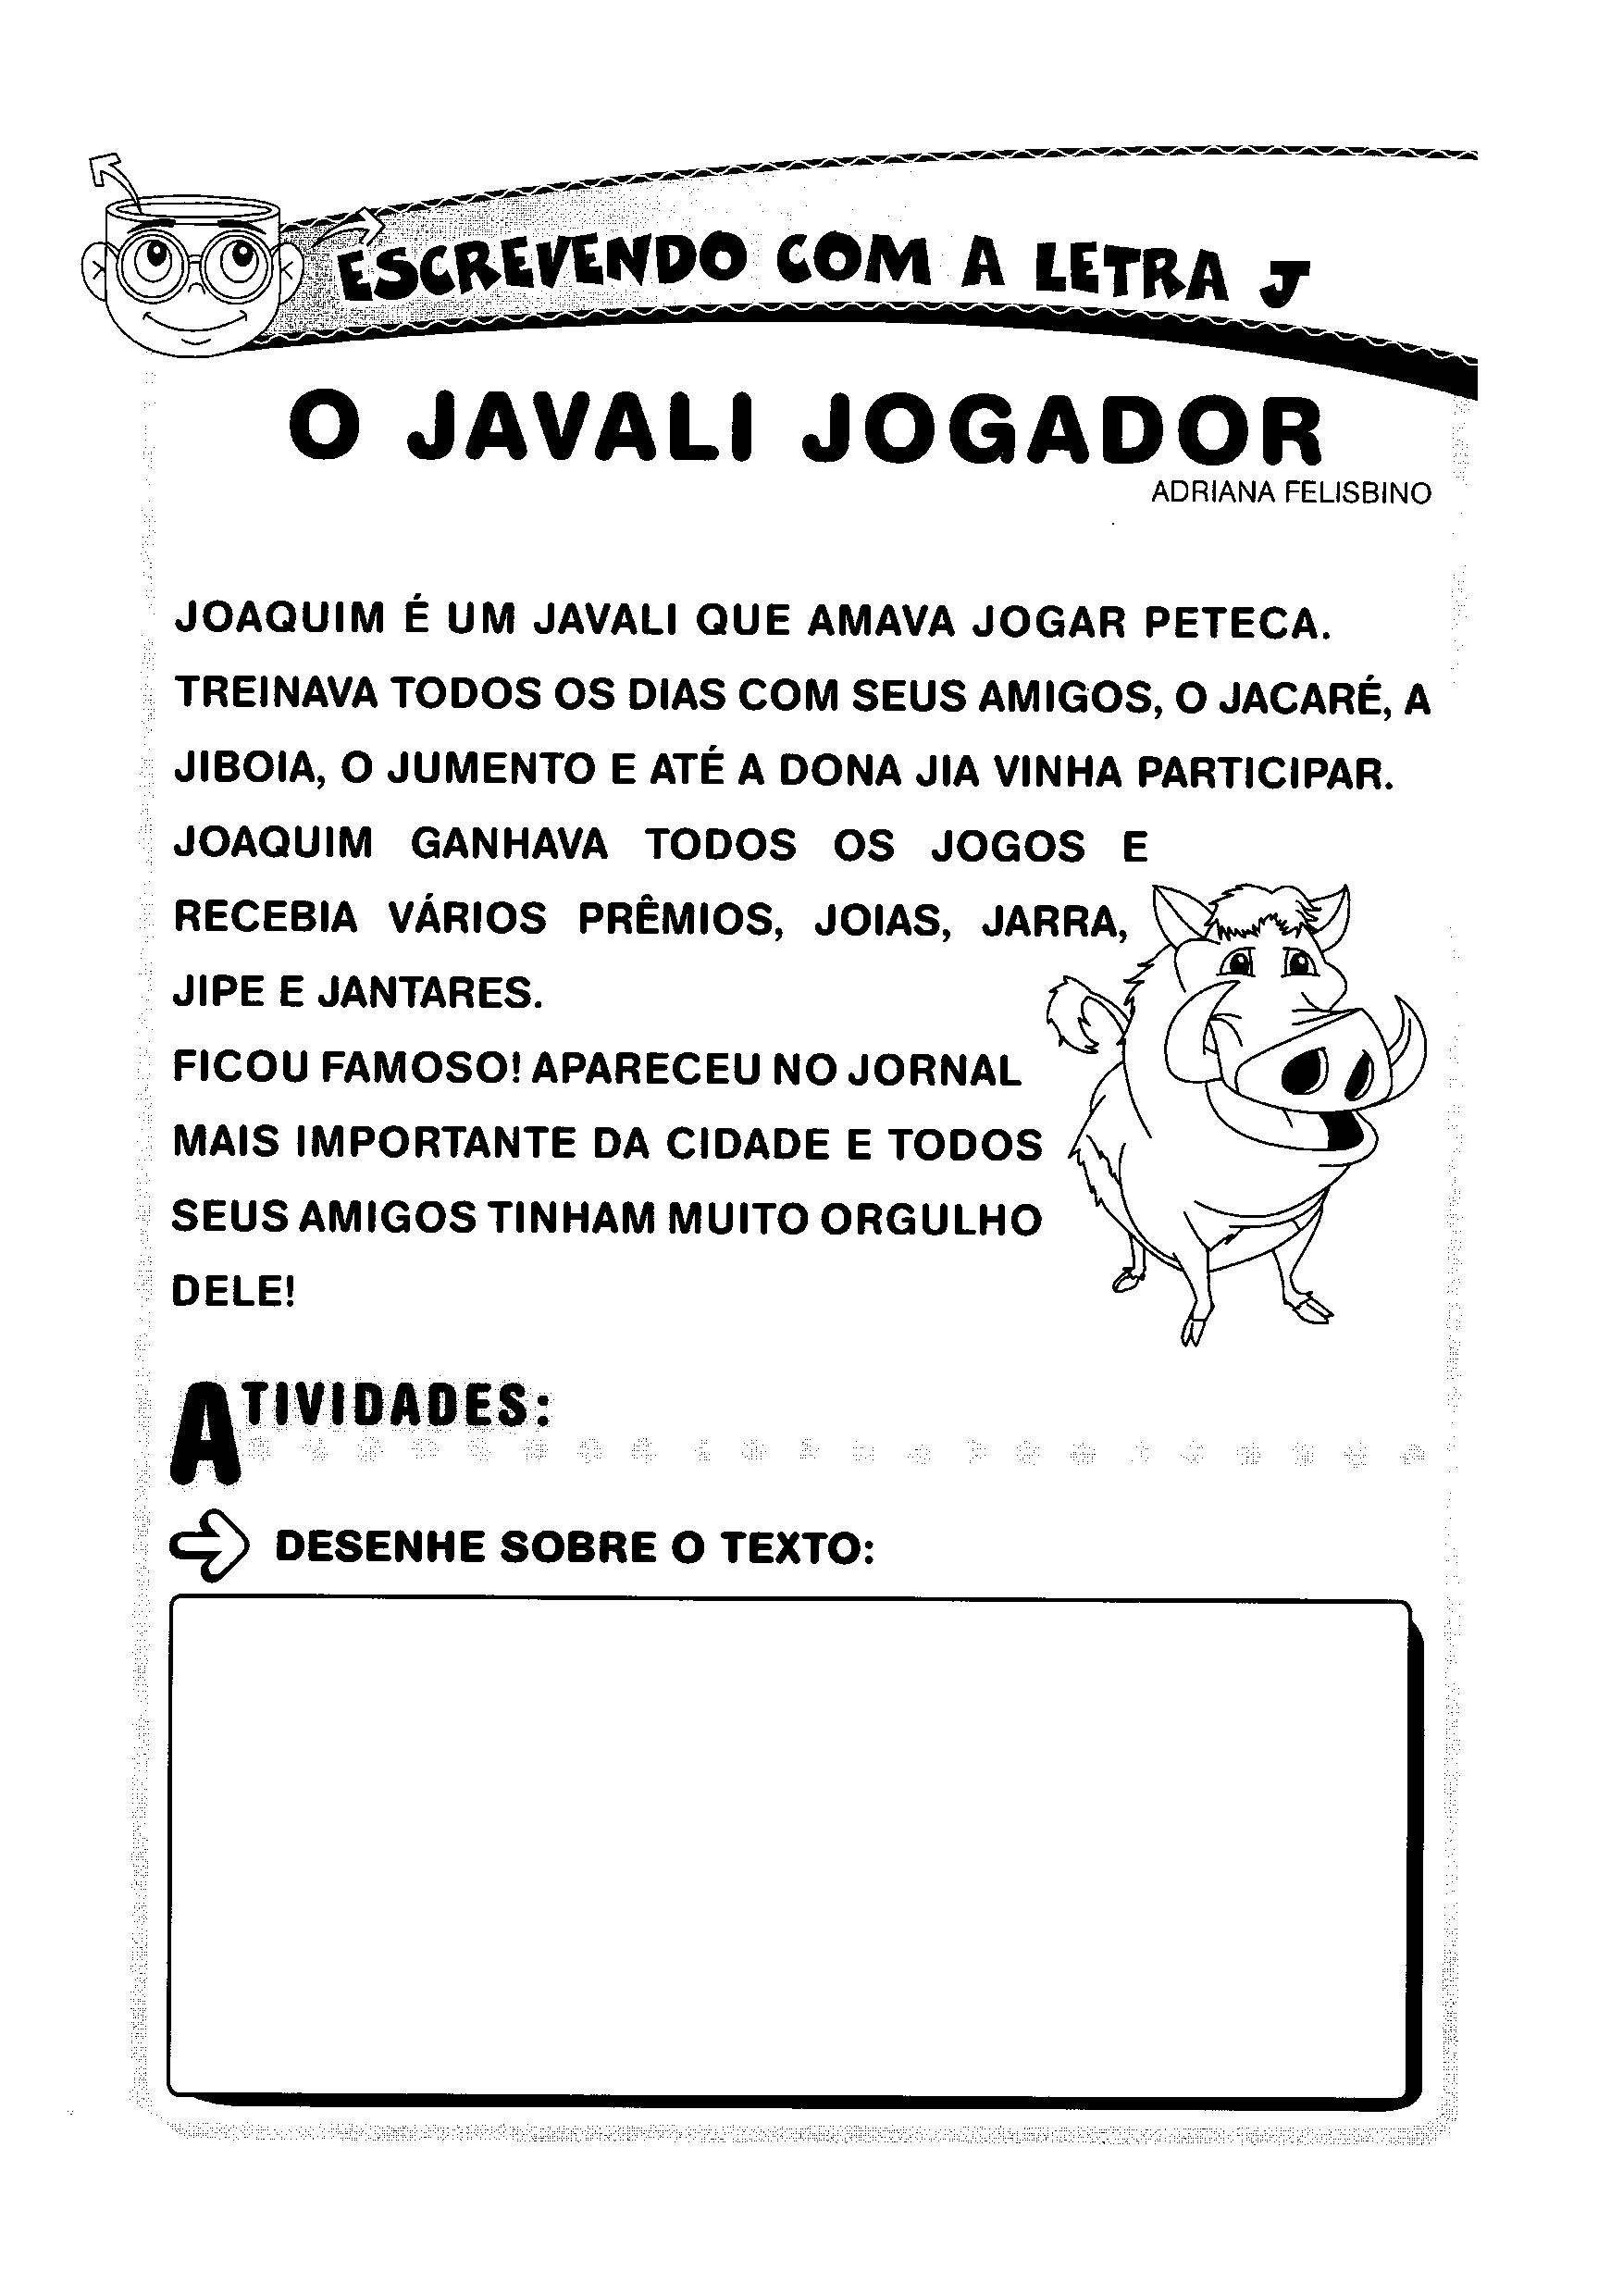 História: O Javali Jogador